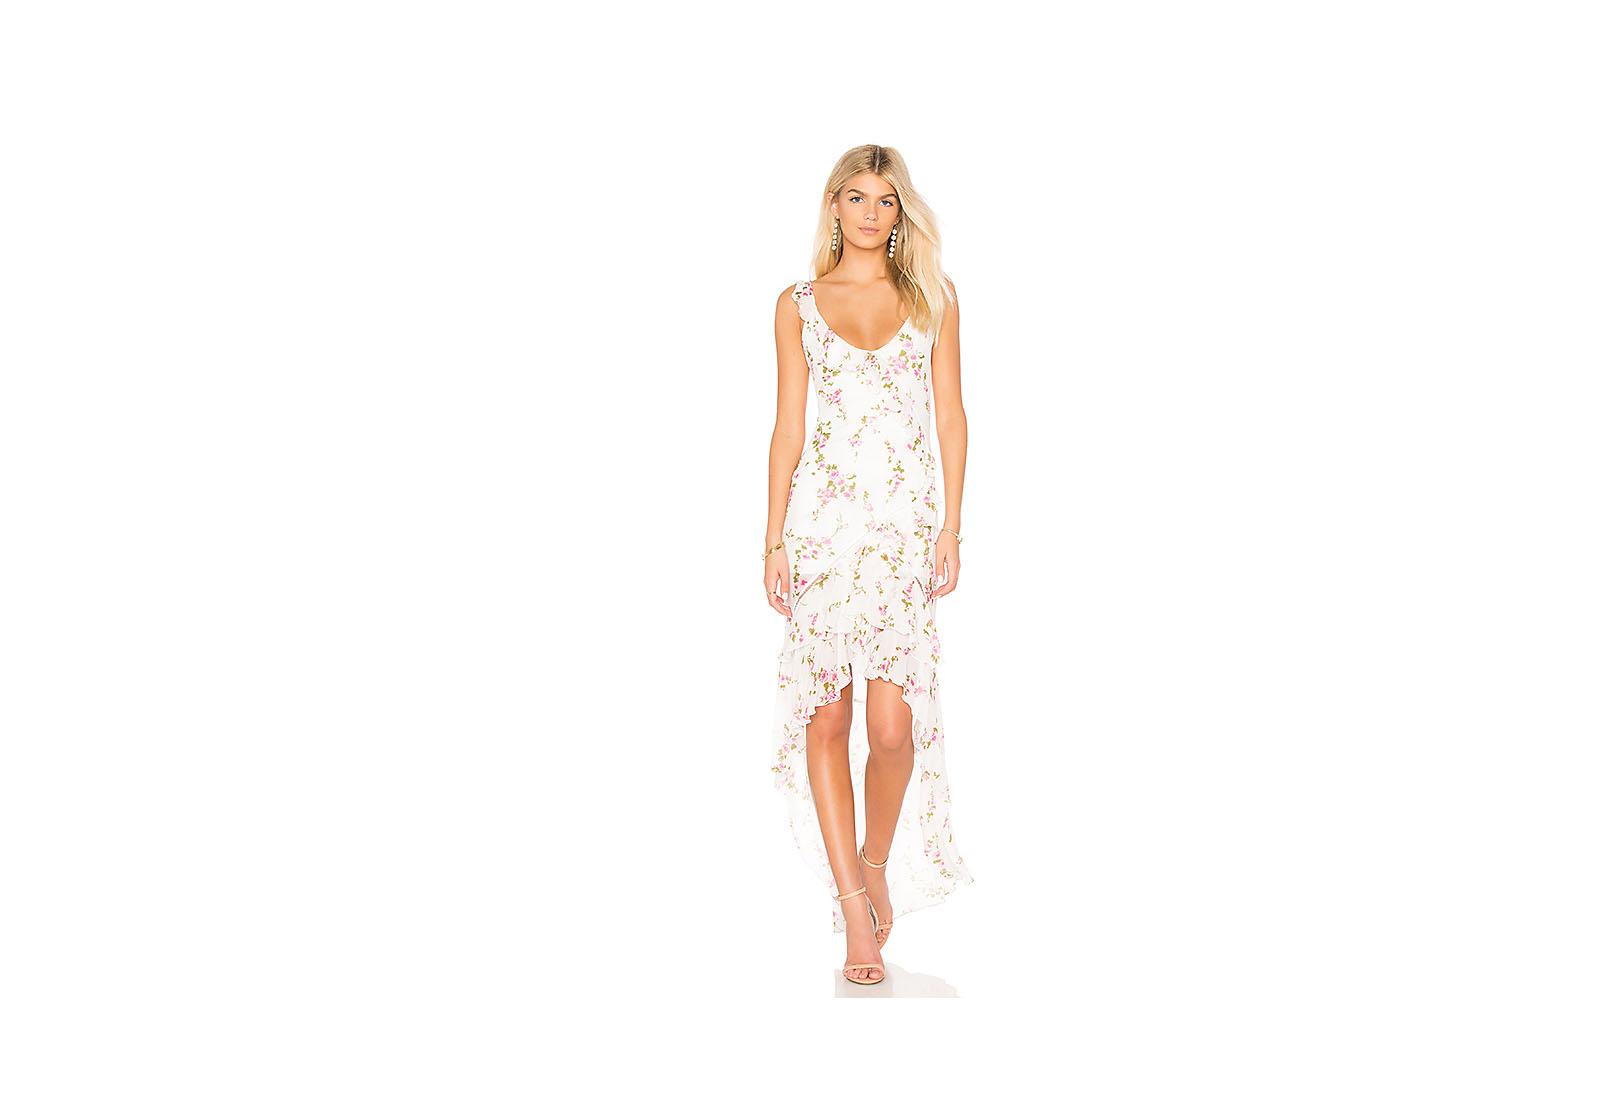 karina grimaldi verano maxi dress